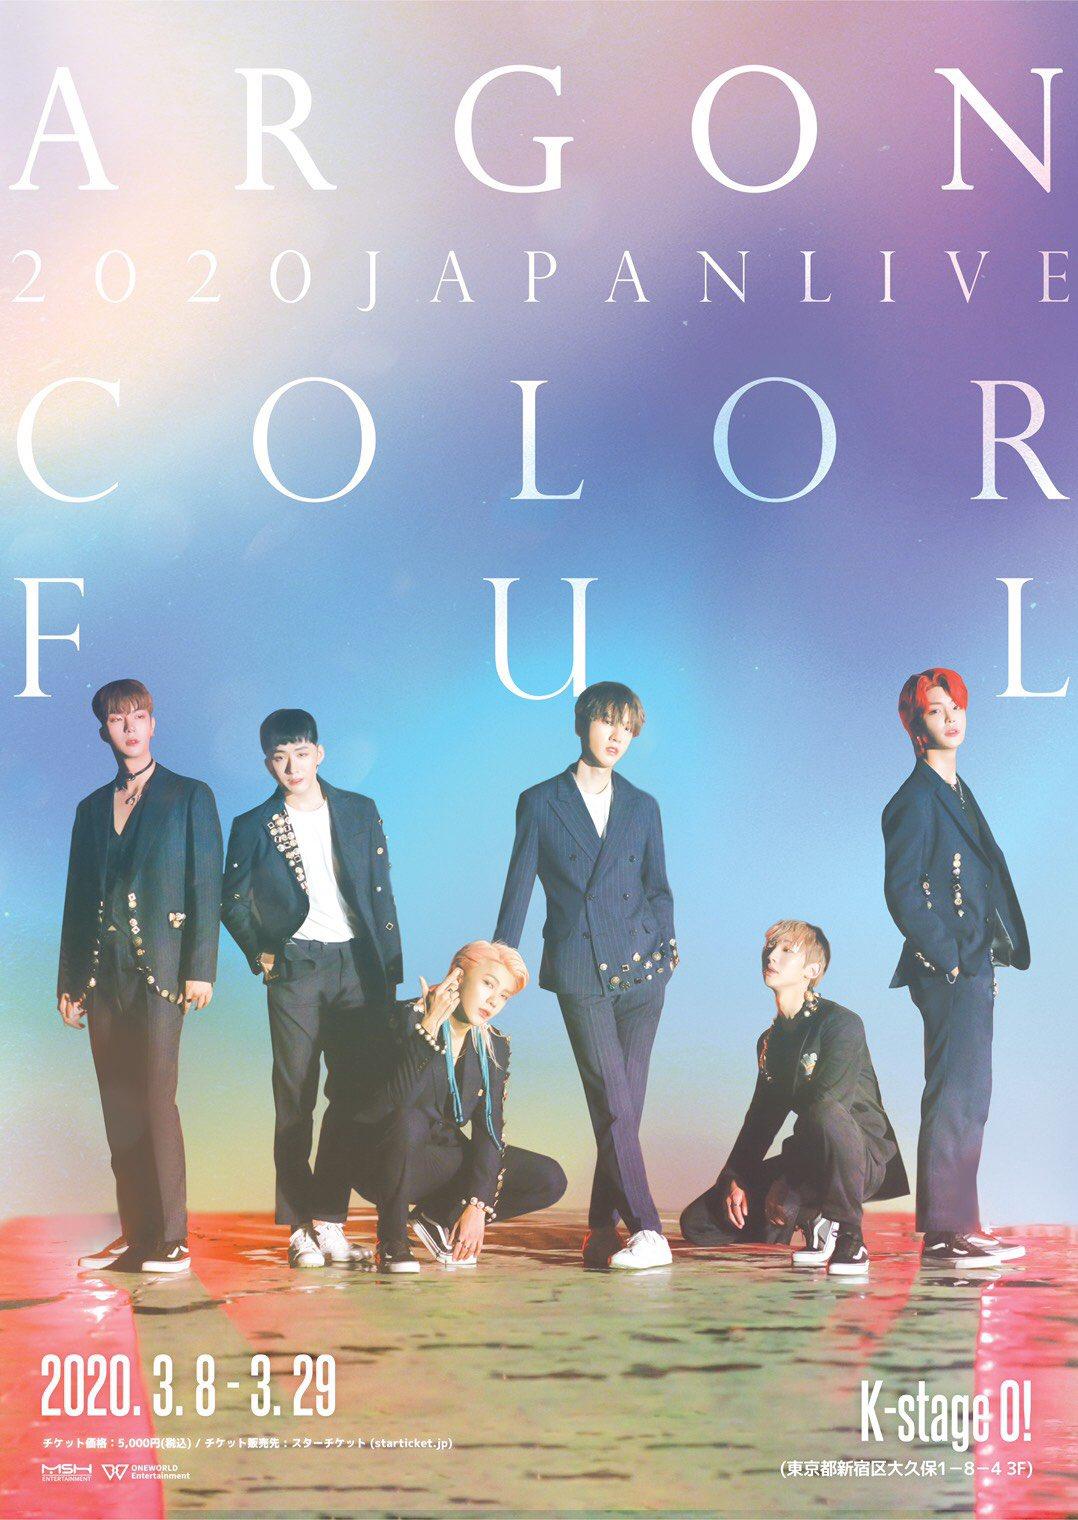 ARGON 2020 JAPAN LIVE – COLORFUL -